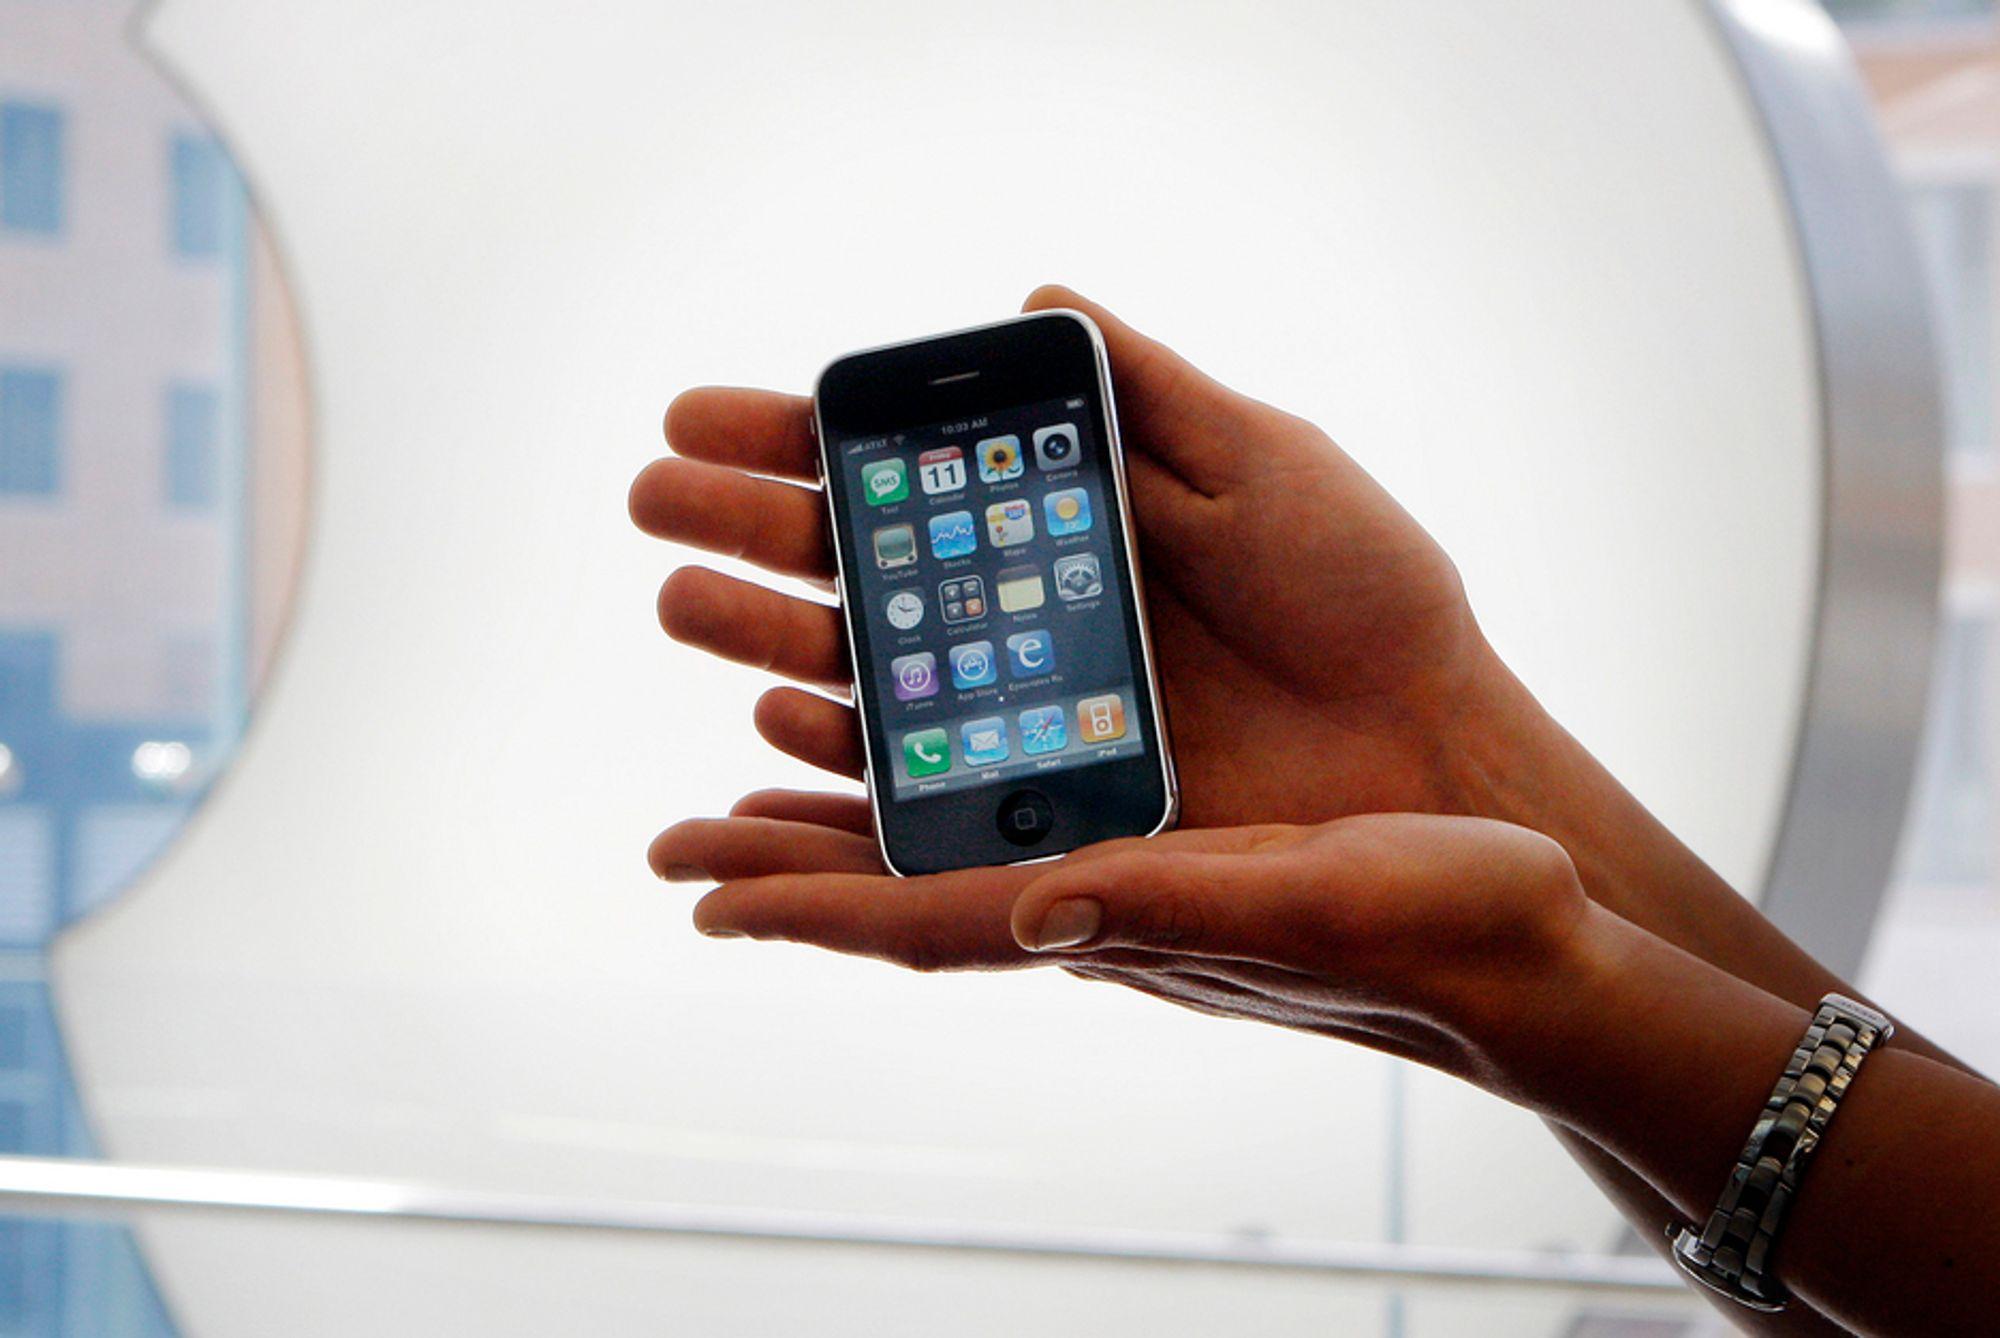 Telenors iPhone prises omtrent likt med Netcoms iPhone.